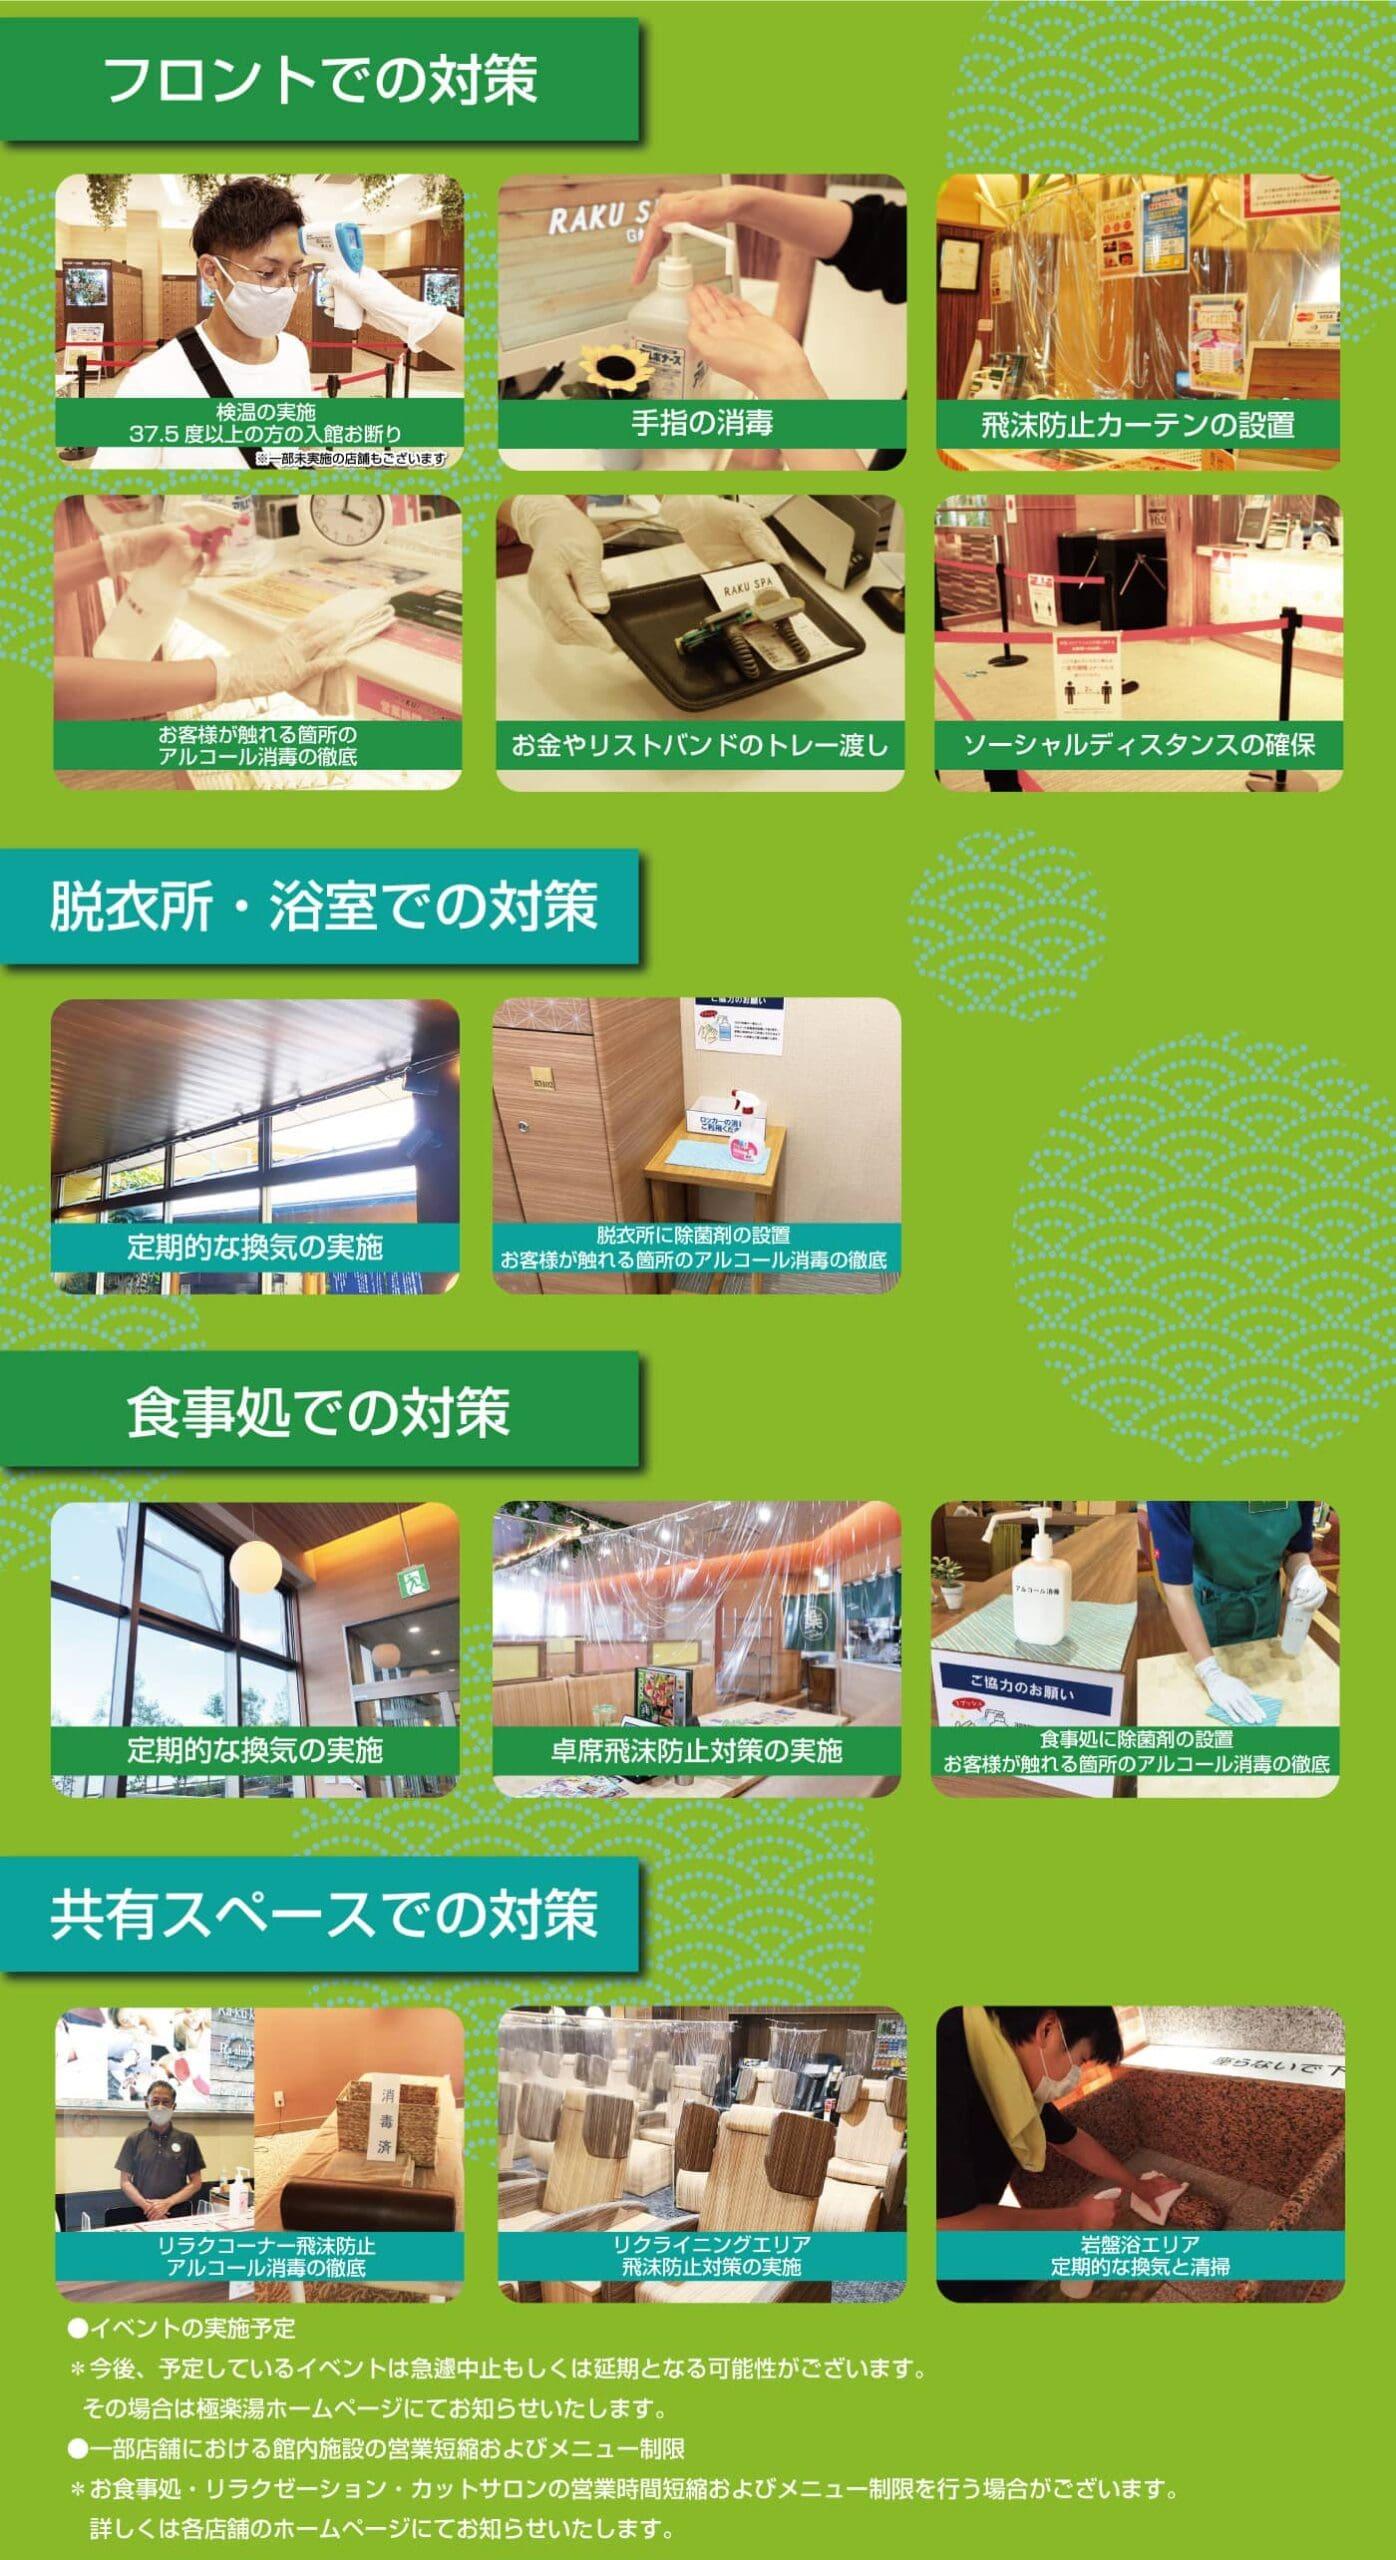 祥楽の湯 津幡店 感染予防対策